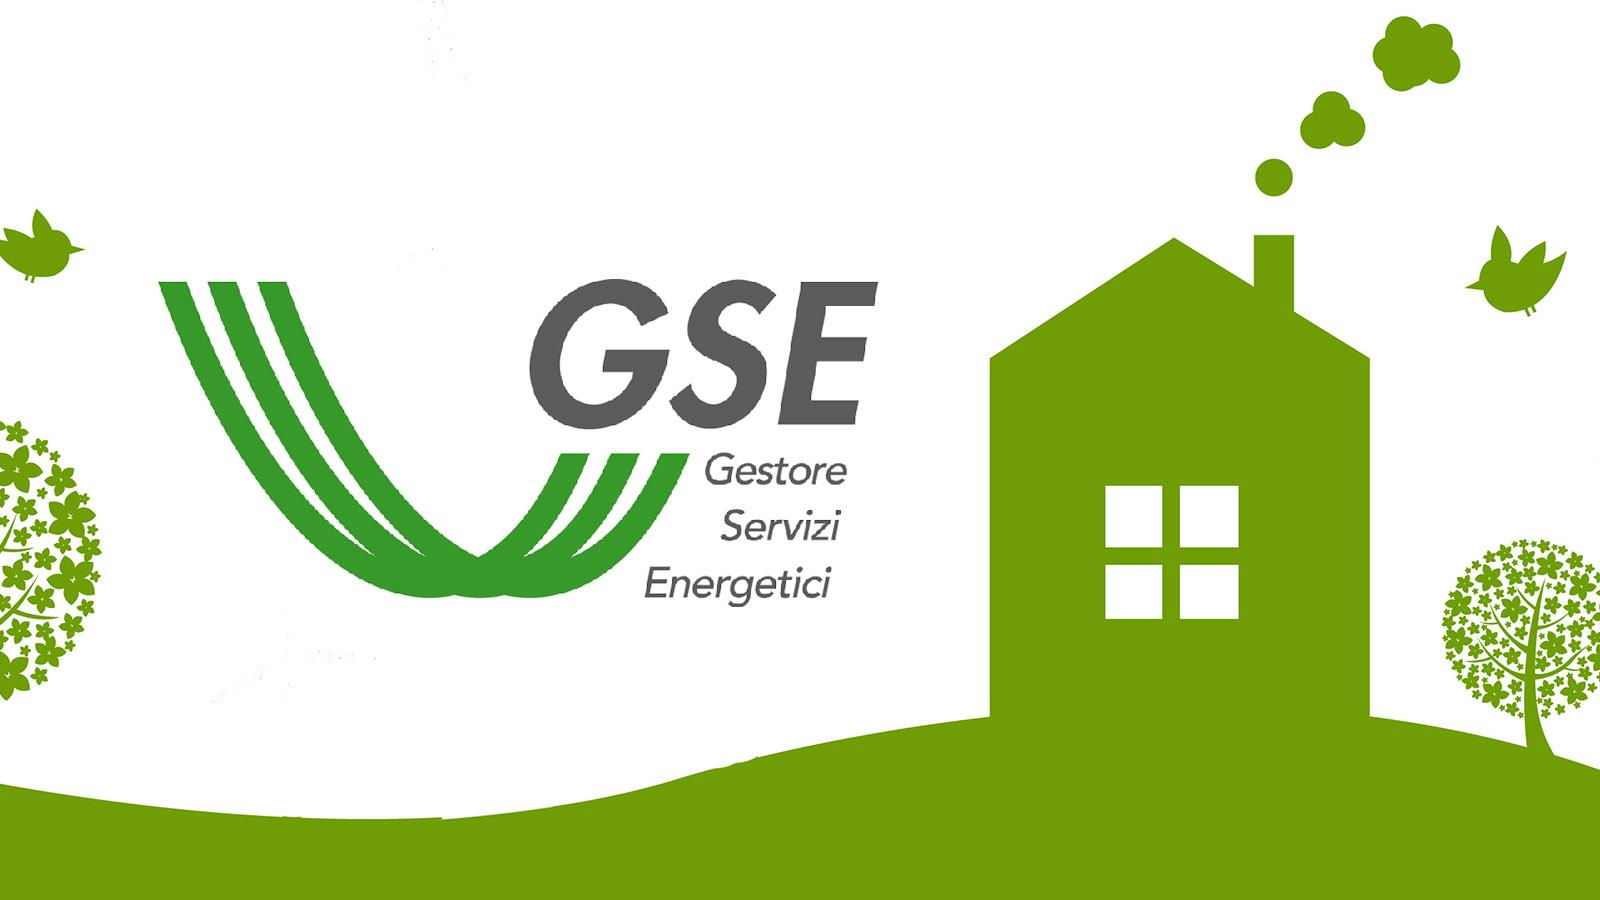 Pagamenti GSE: pubblicato sul portale l'acconto 2° semestre 2020 relativo allo Scambio sul Posto.